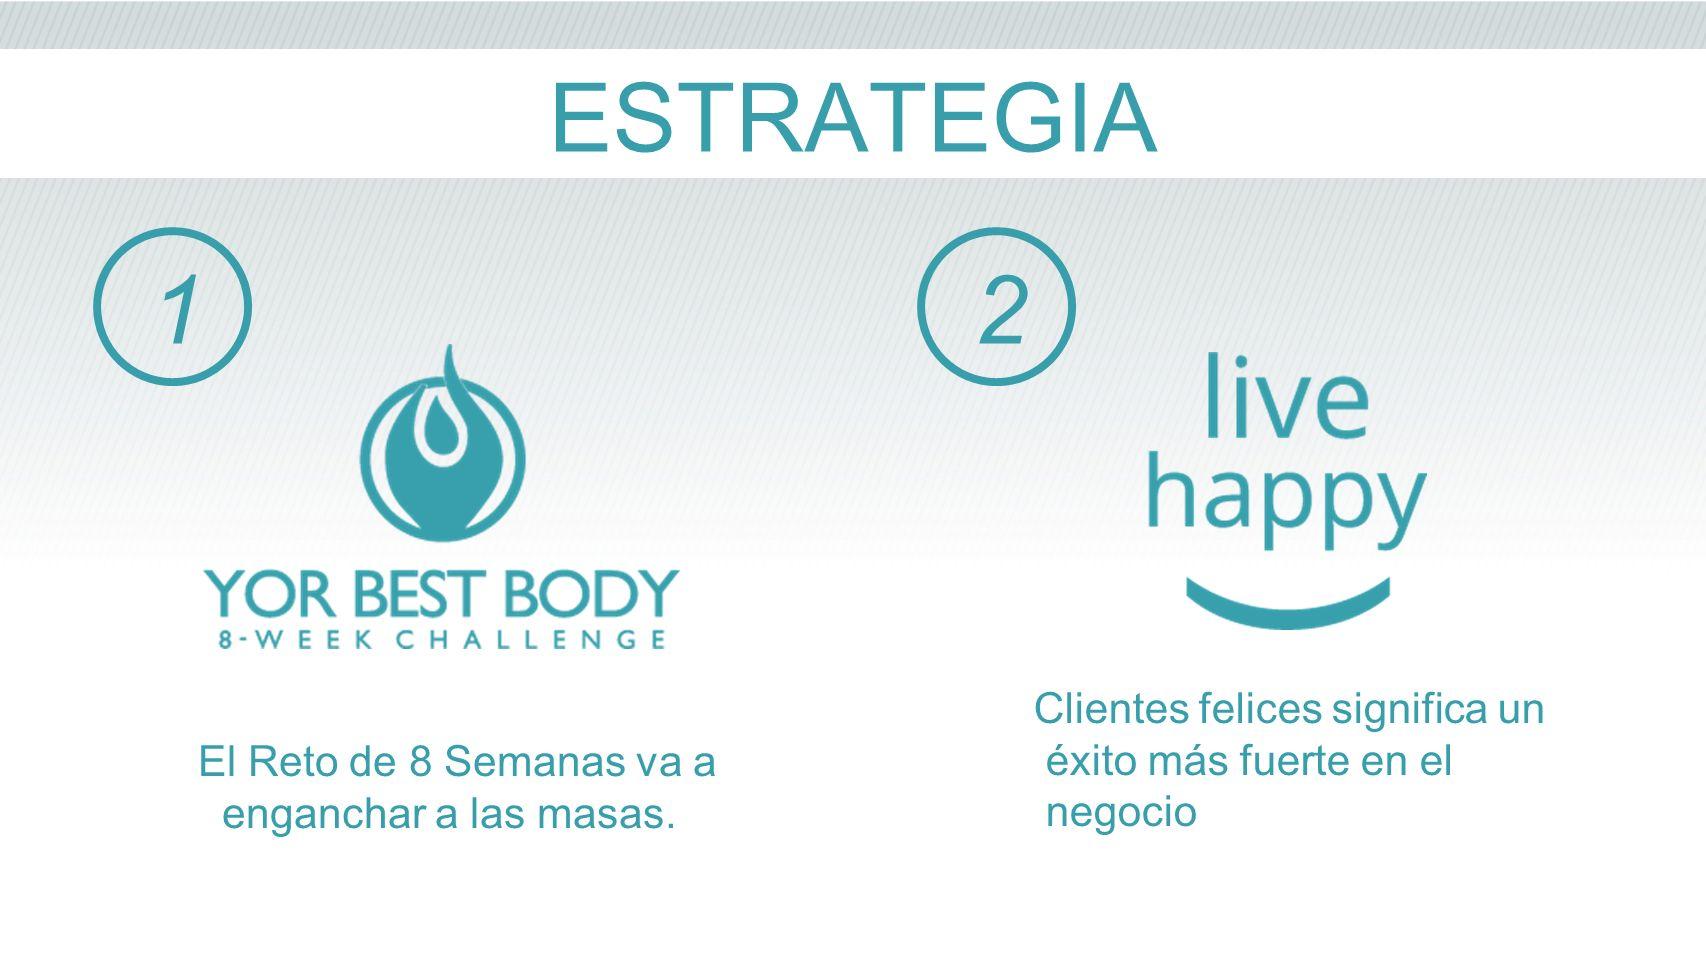 ESTRATEGIA El Reto de 8 Semanas va a enganchar a las masas. 1 Clientes felices significa un éxito más fuerte en el negocio 2